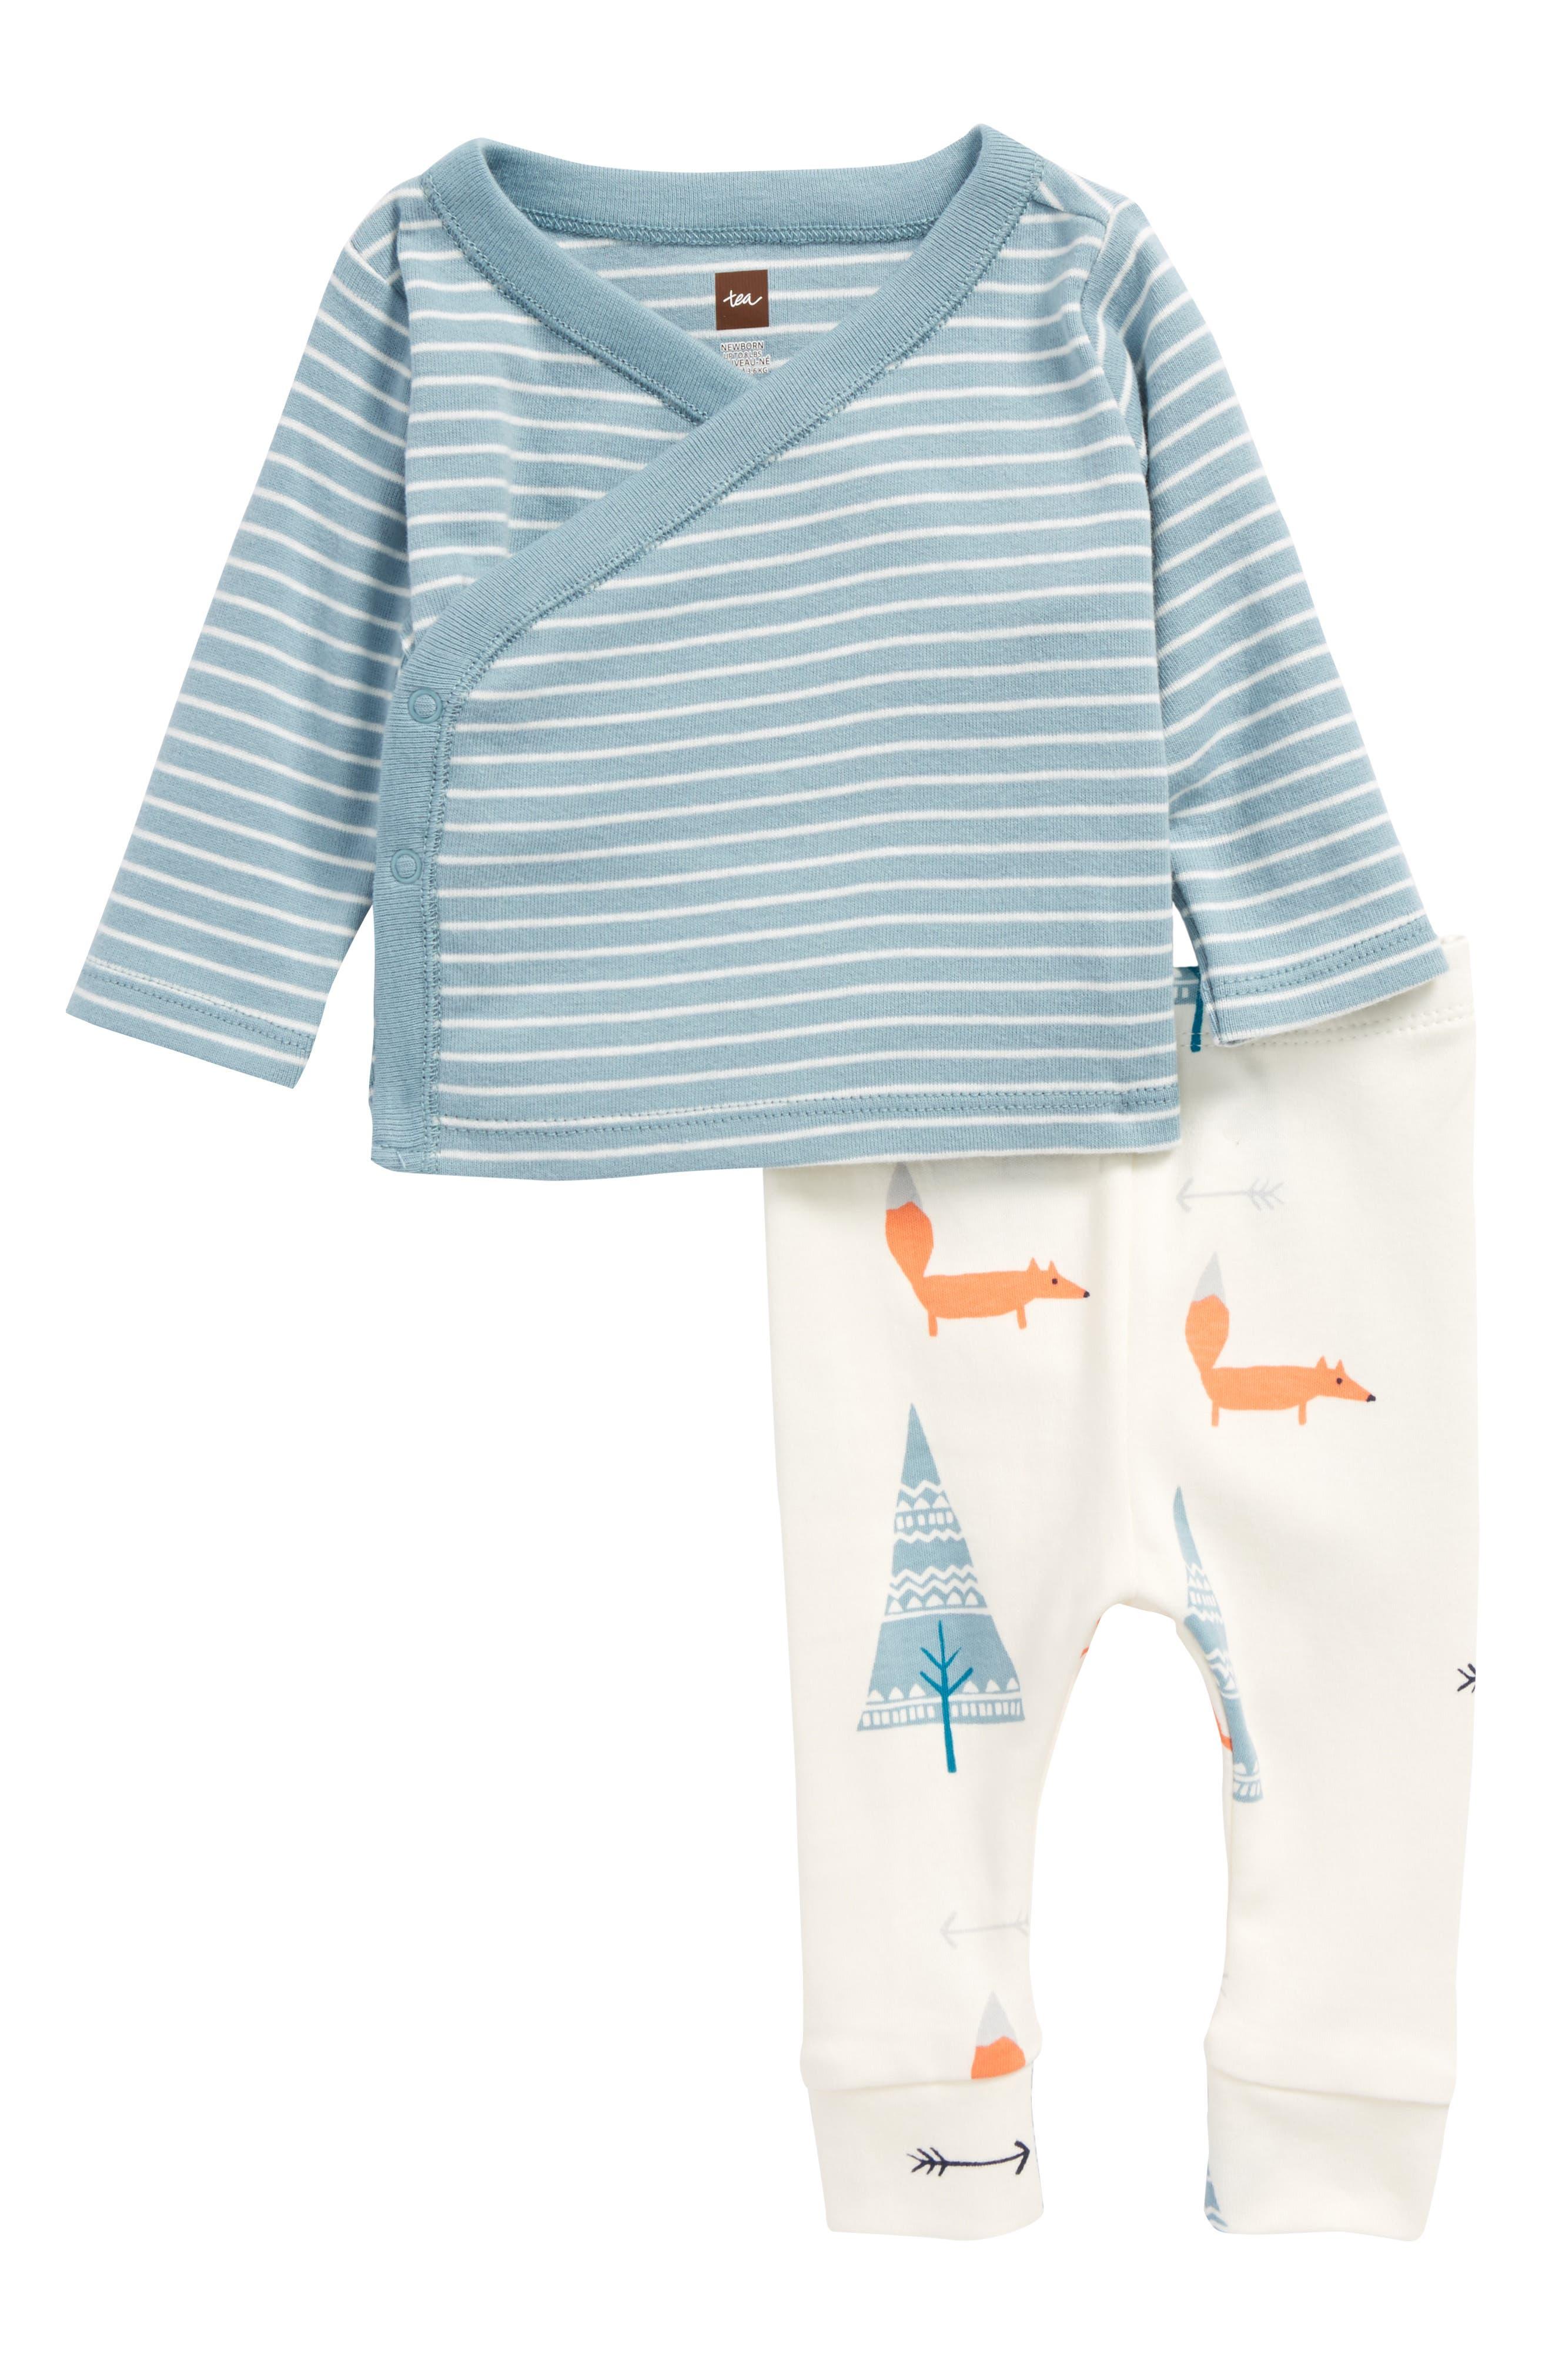 TEA COLLECTION Wrap Tunic & Pants Set, Main, color, 466